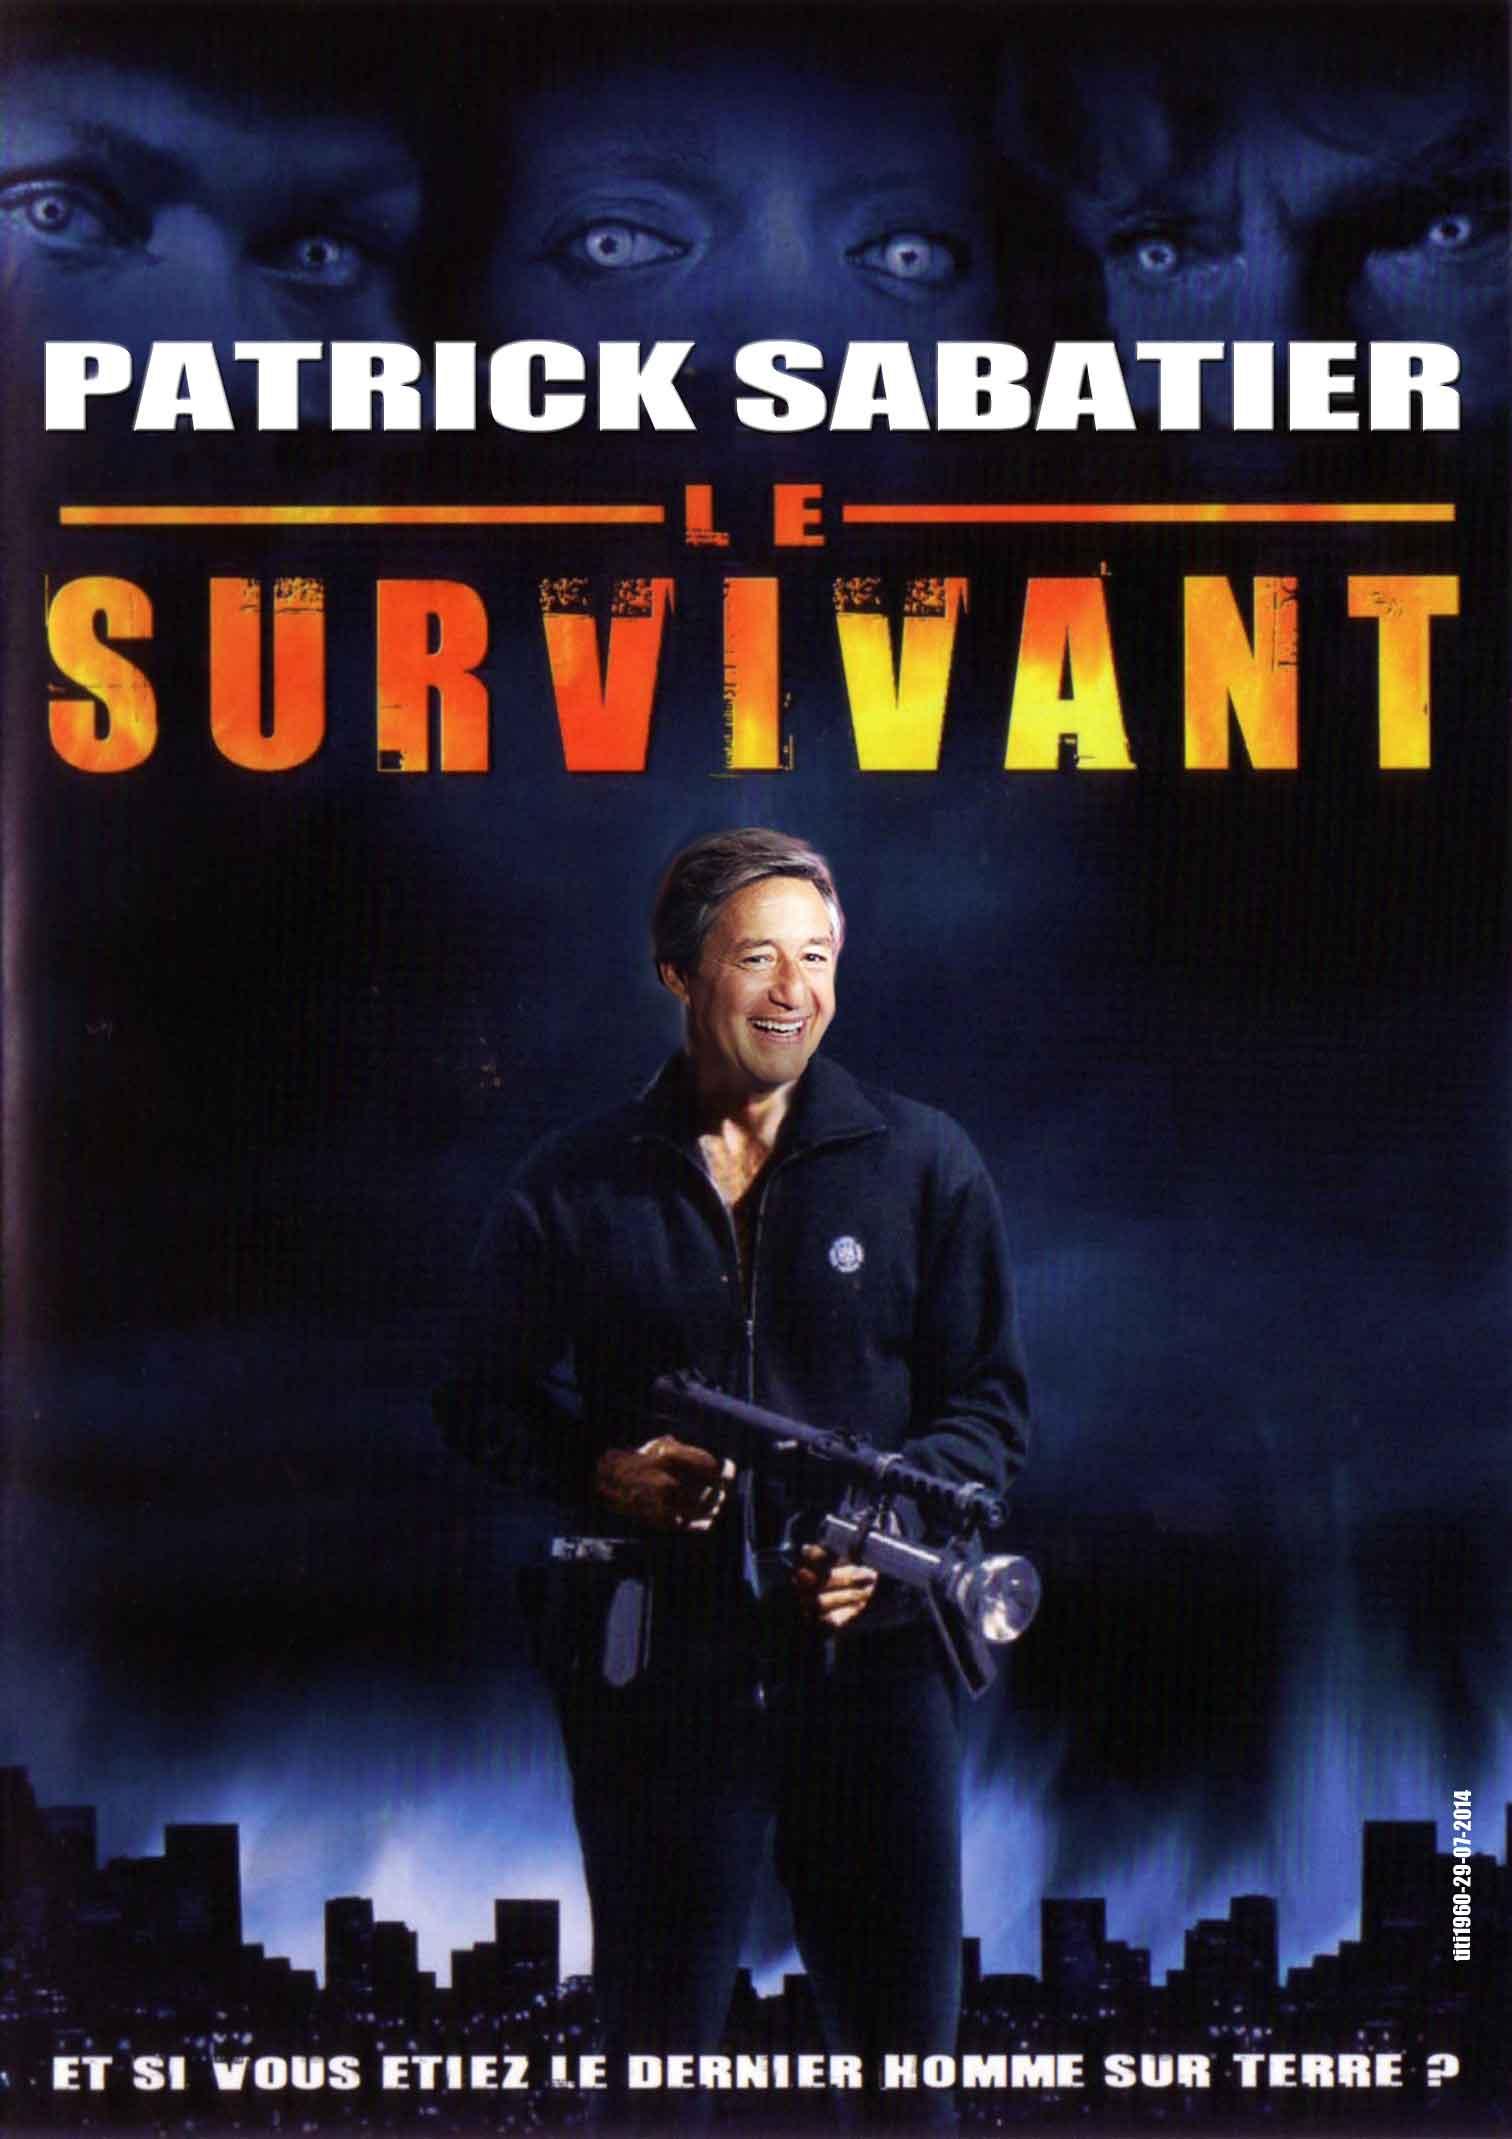 Patrick Sabatier détournement de la Jaquette du DVD le Survivant